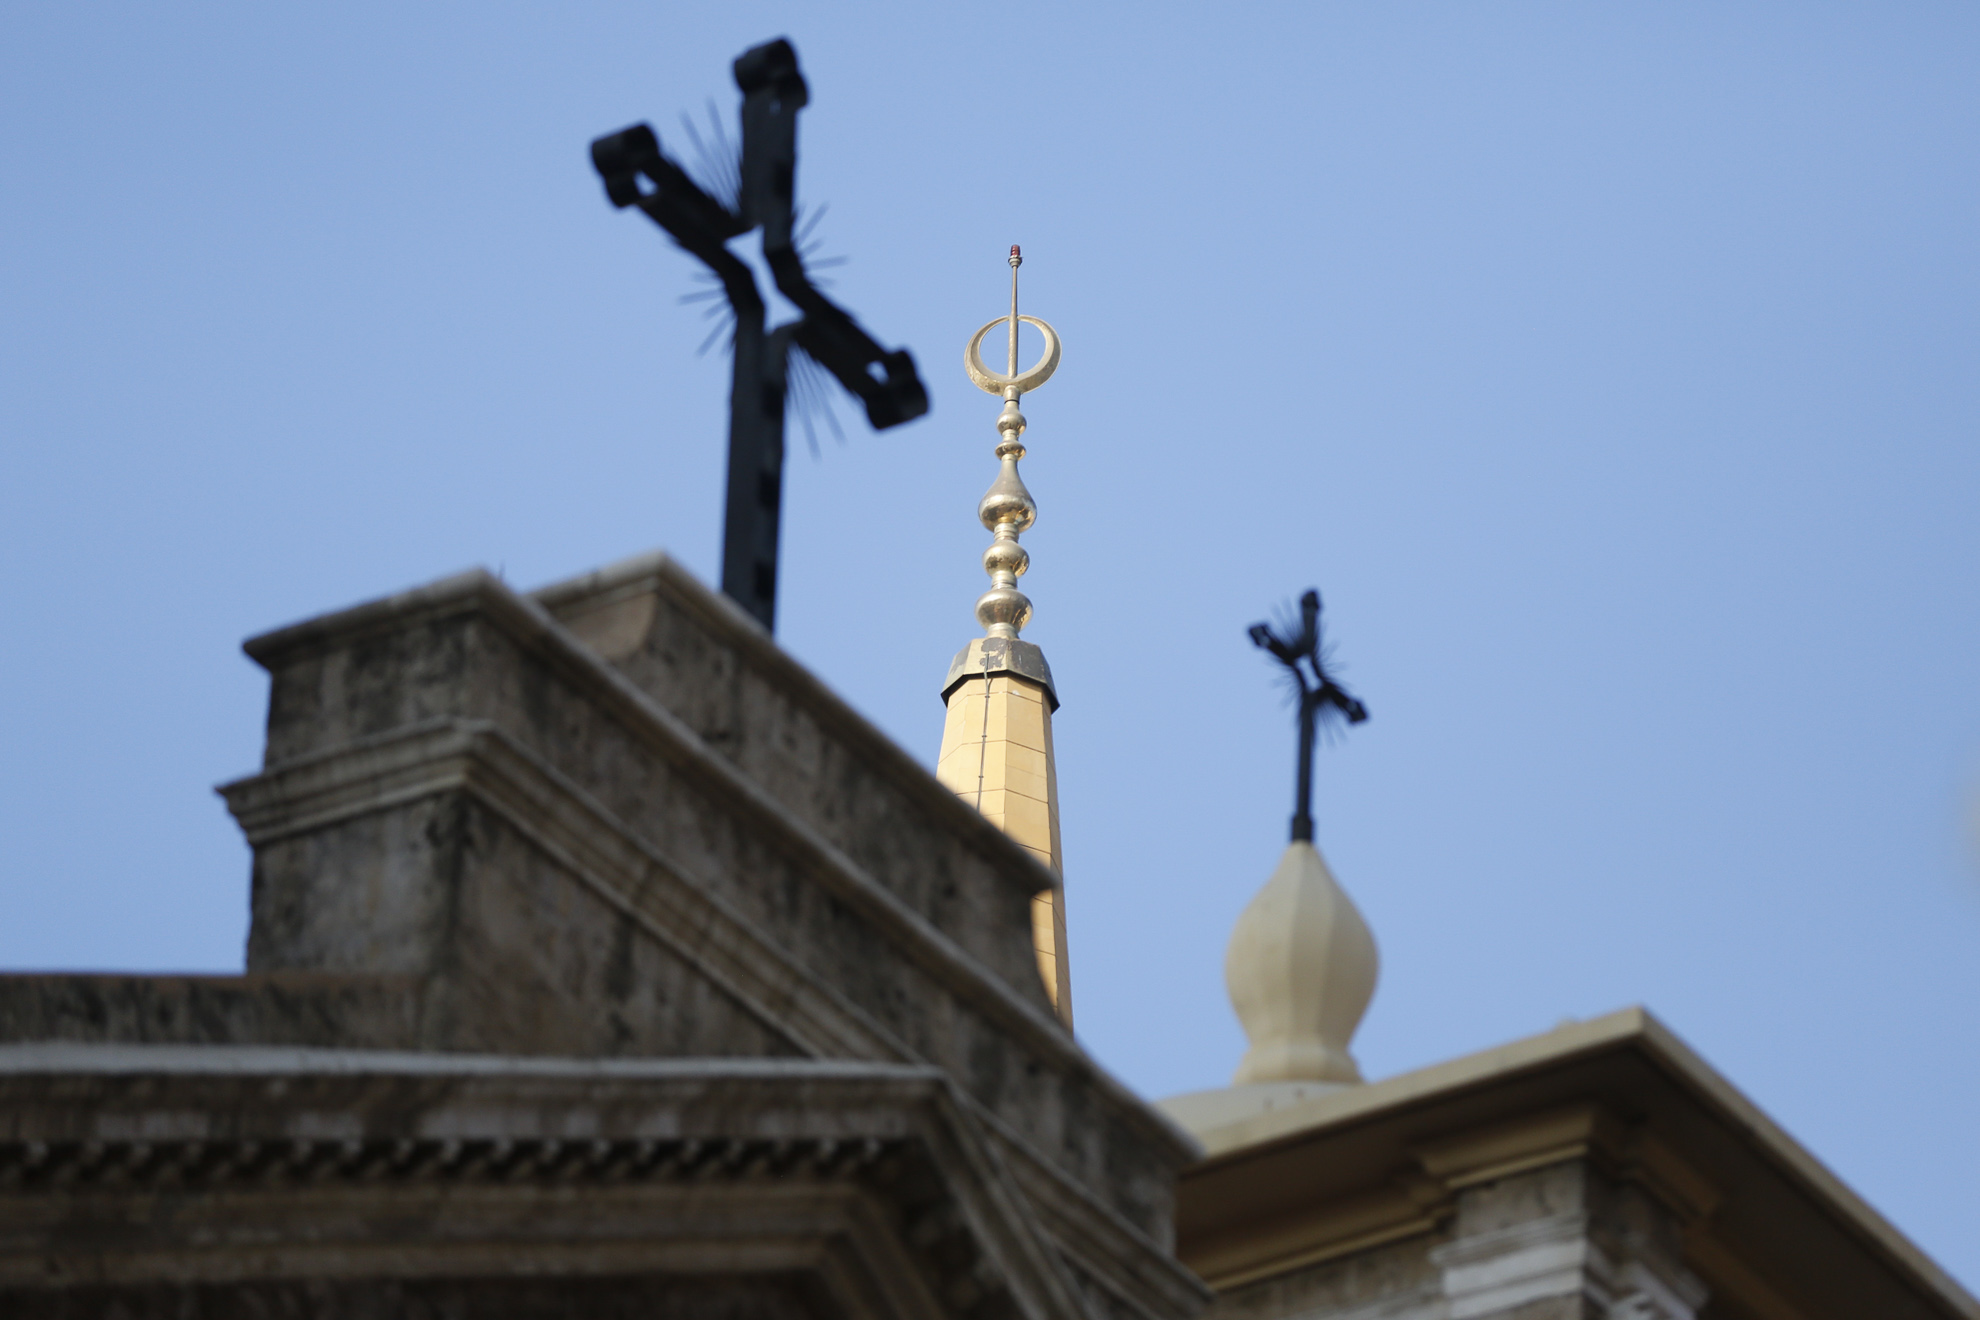 Les croix de l'église Saint-George de Beyrouth, en contrebas de la plus haute tour de la Mosquée bleue.